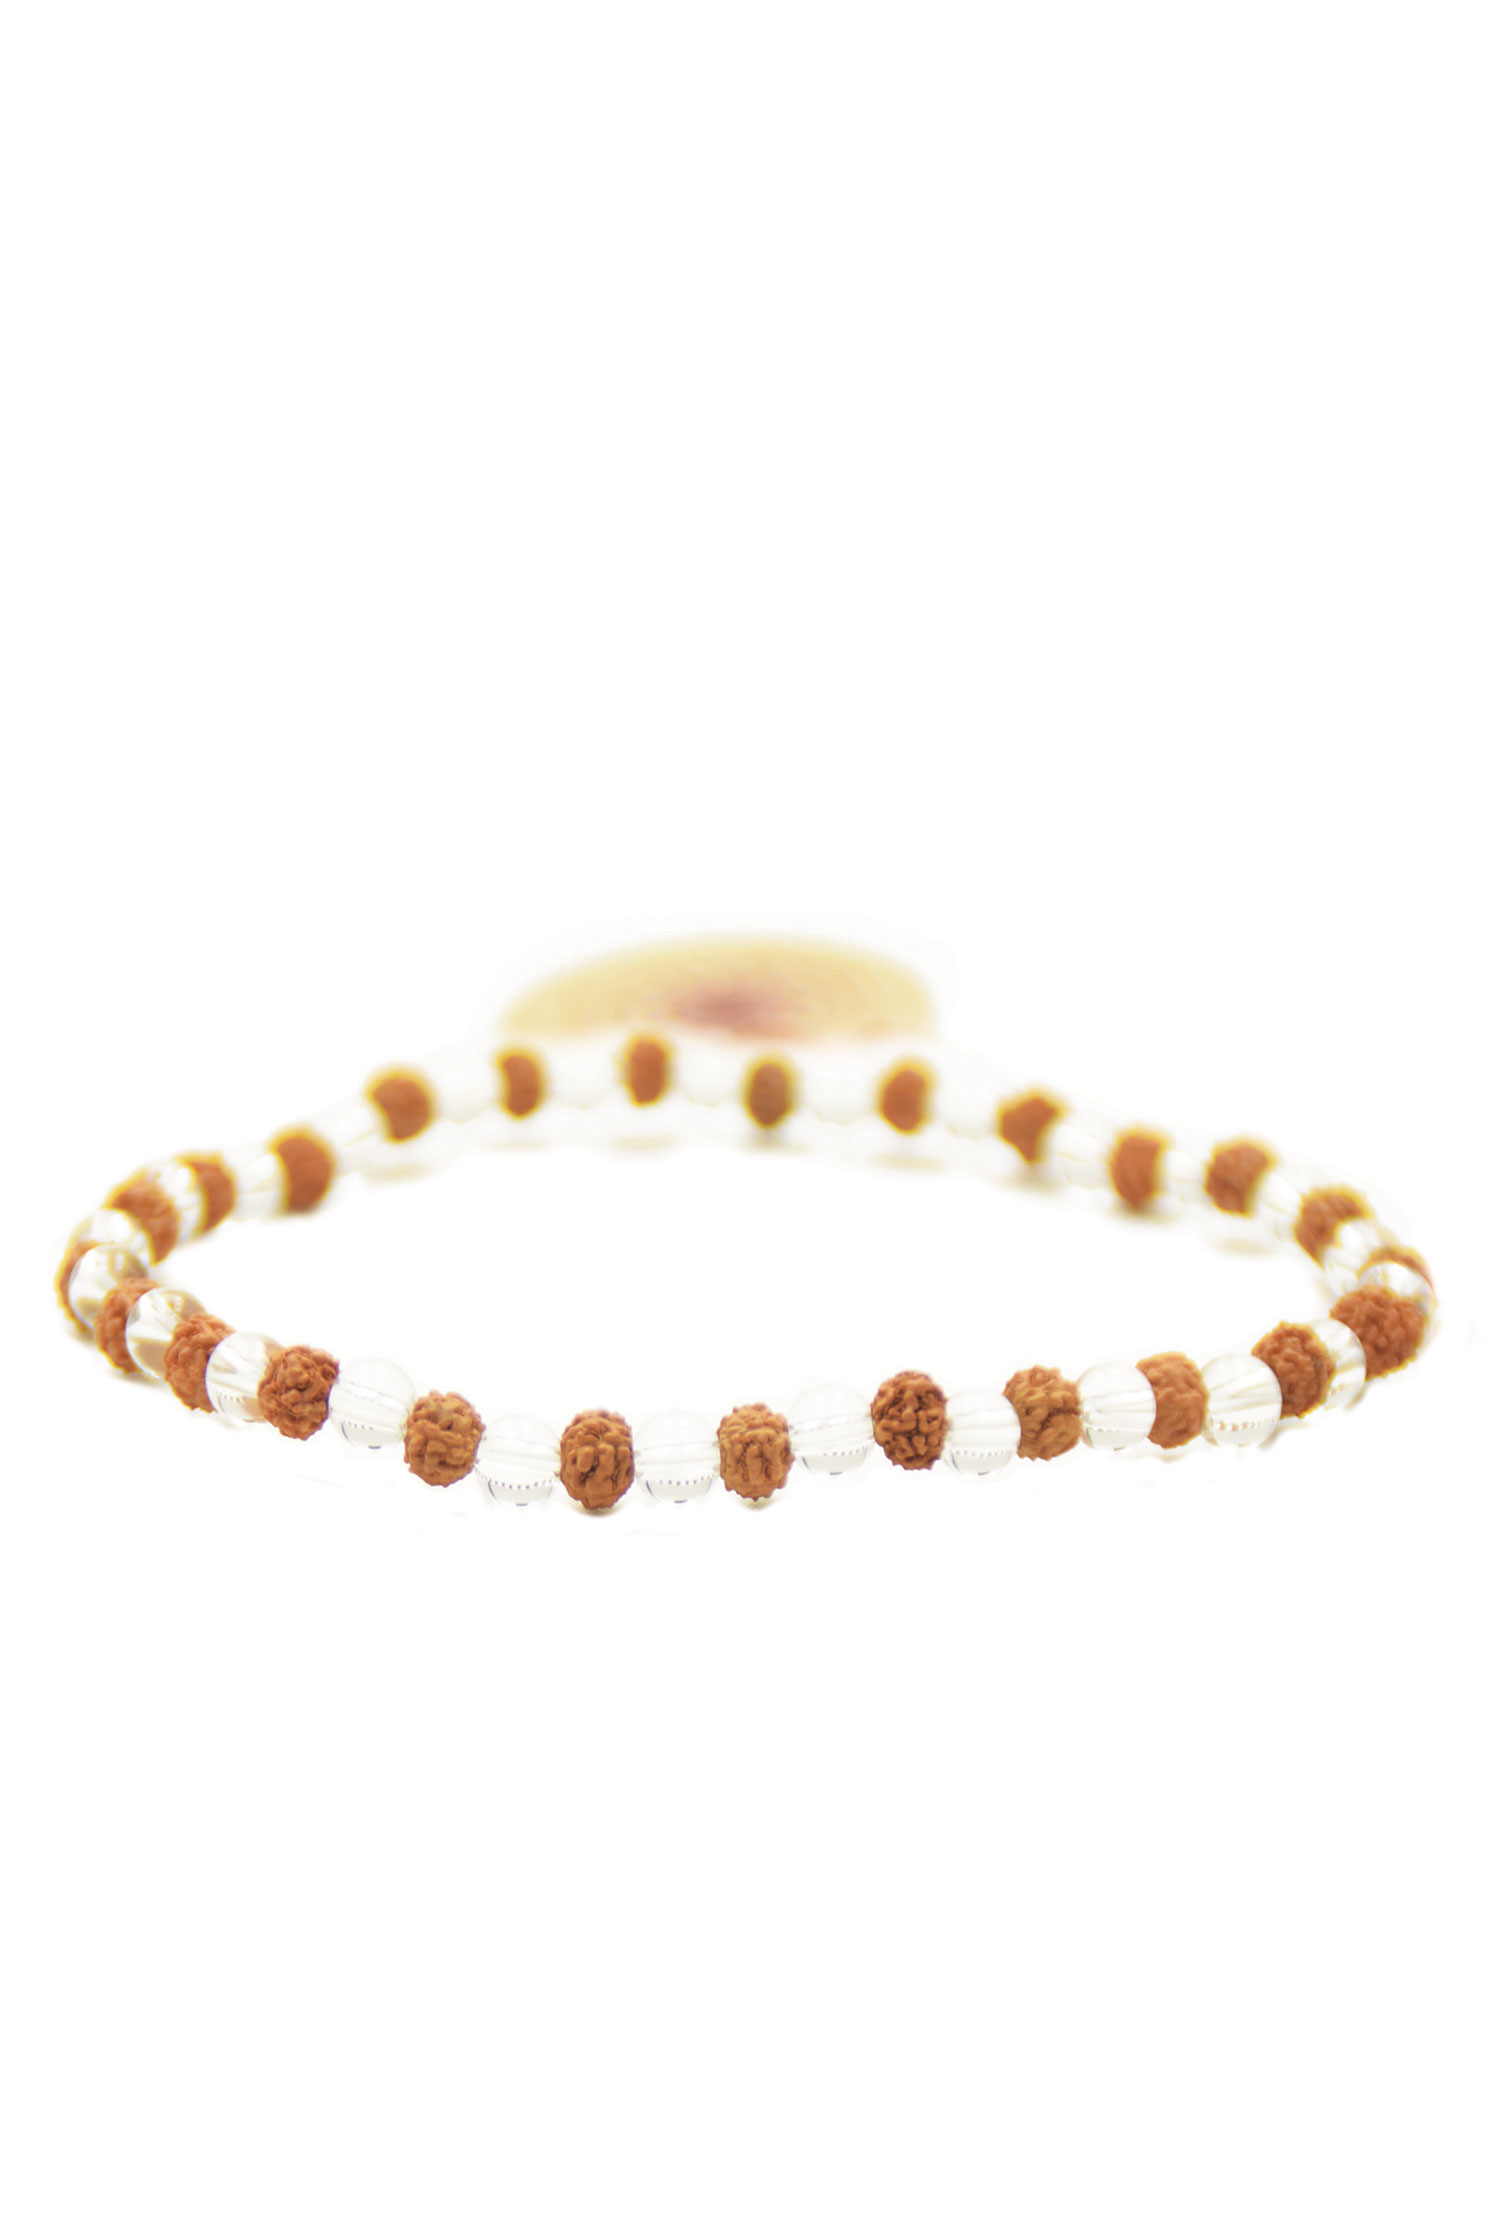 crystal-mala-bracelet